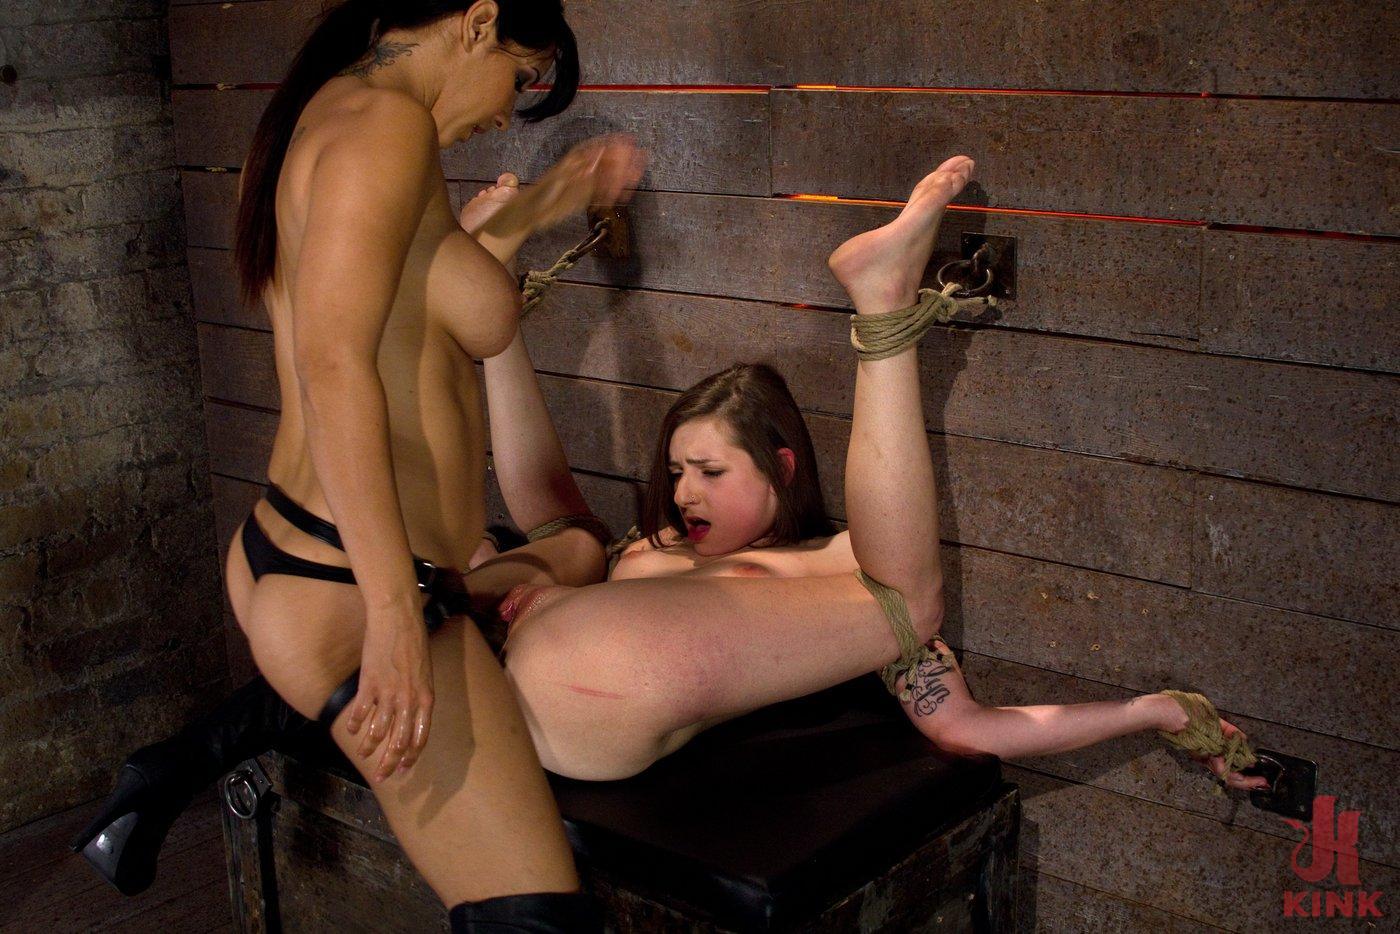 Телки рабы порно, порно пизда жены